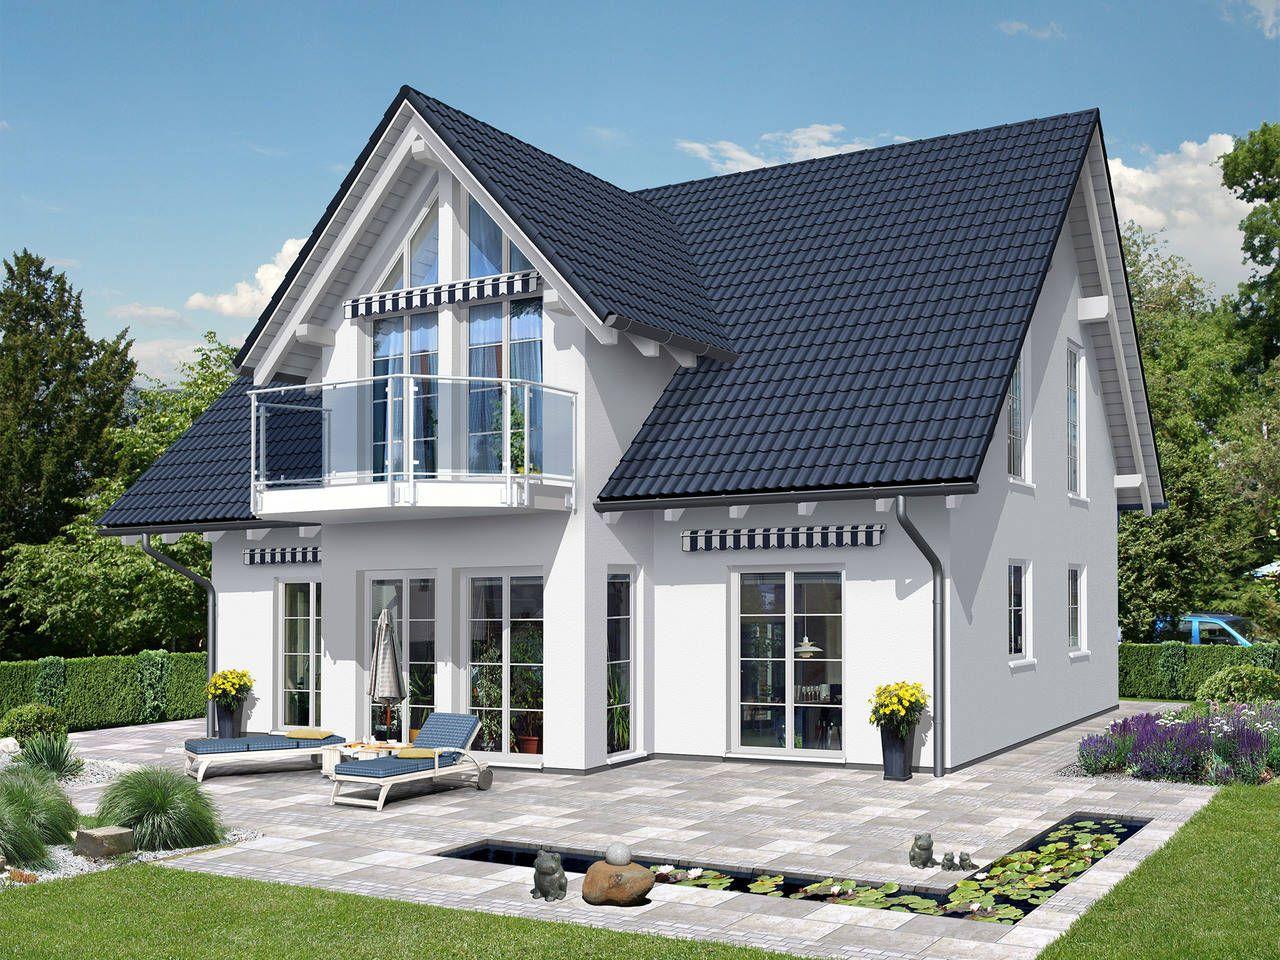 Beispielhaus 19.0 von Ytong Bausatzhaus Haus, Moderne